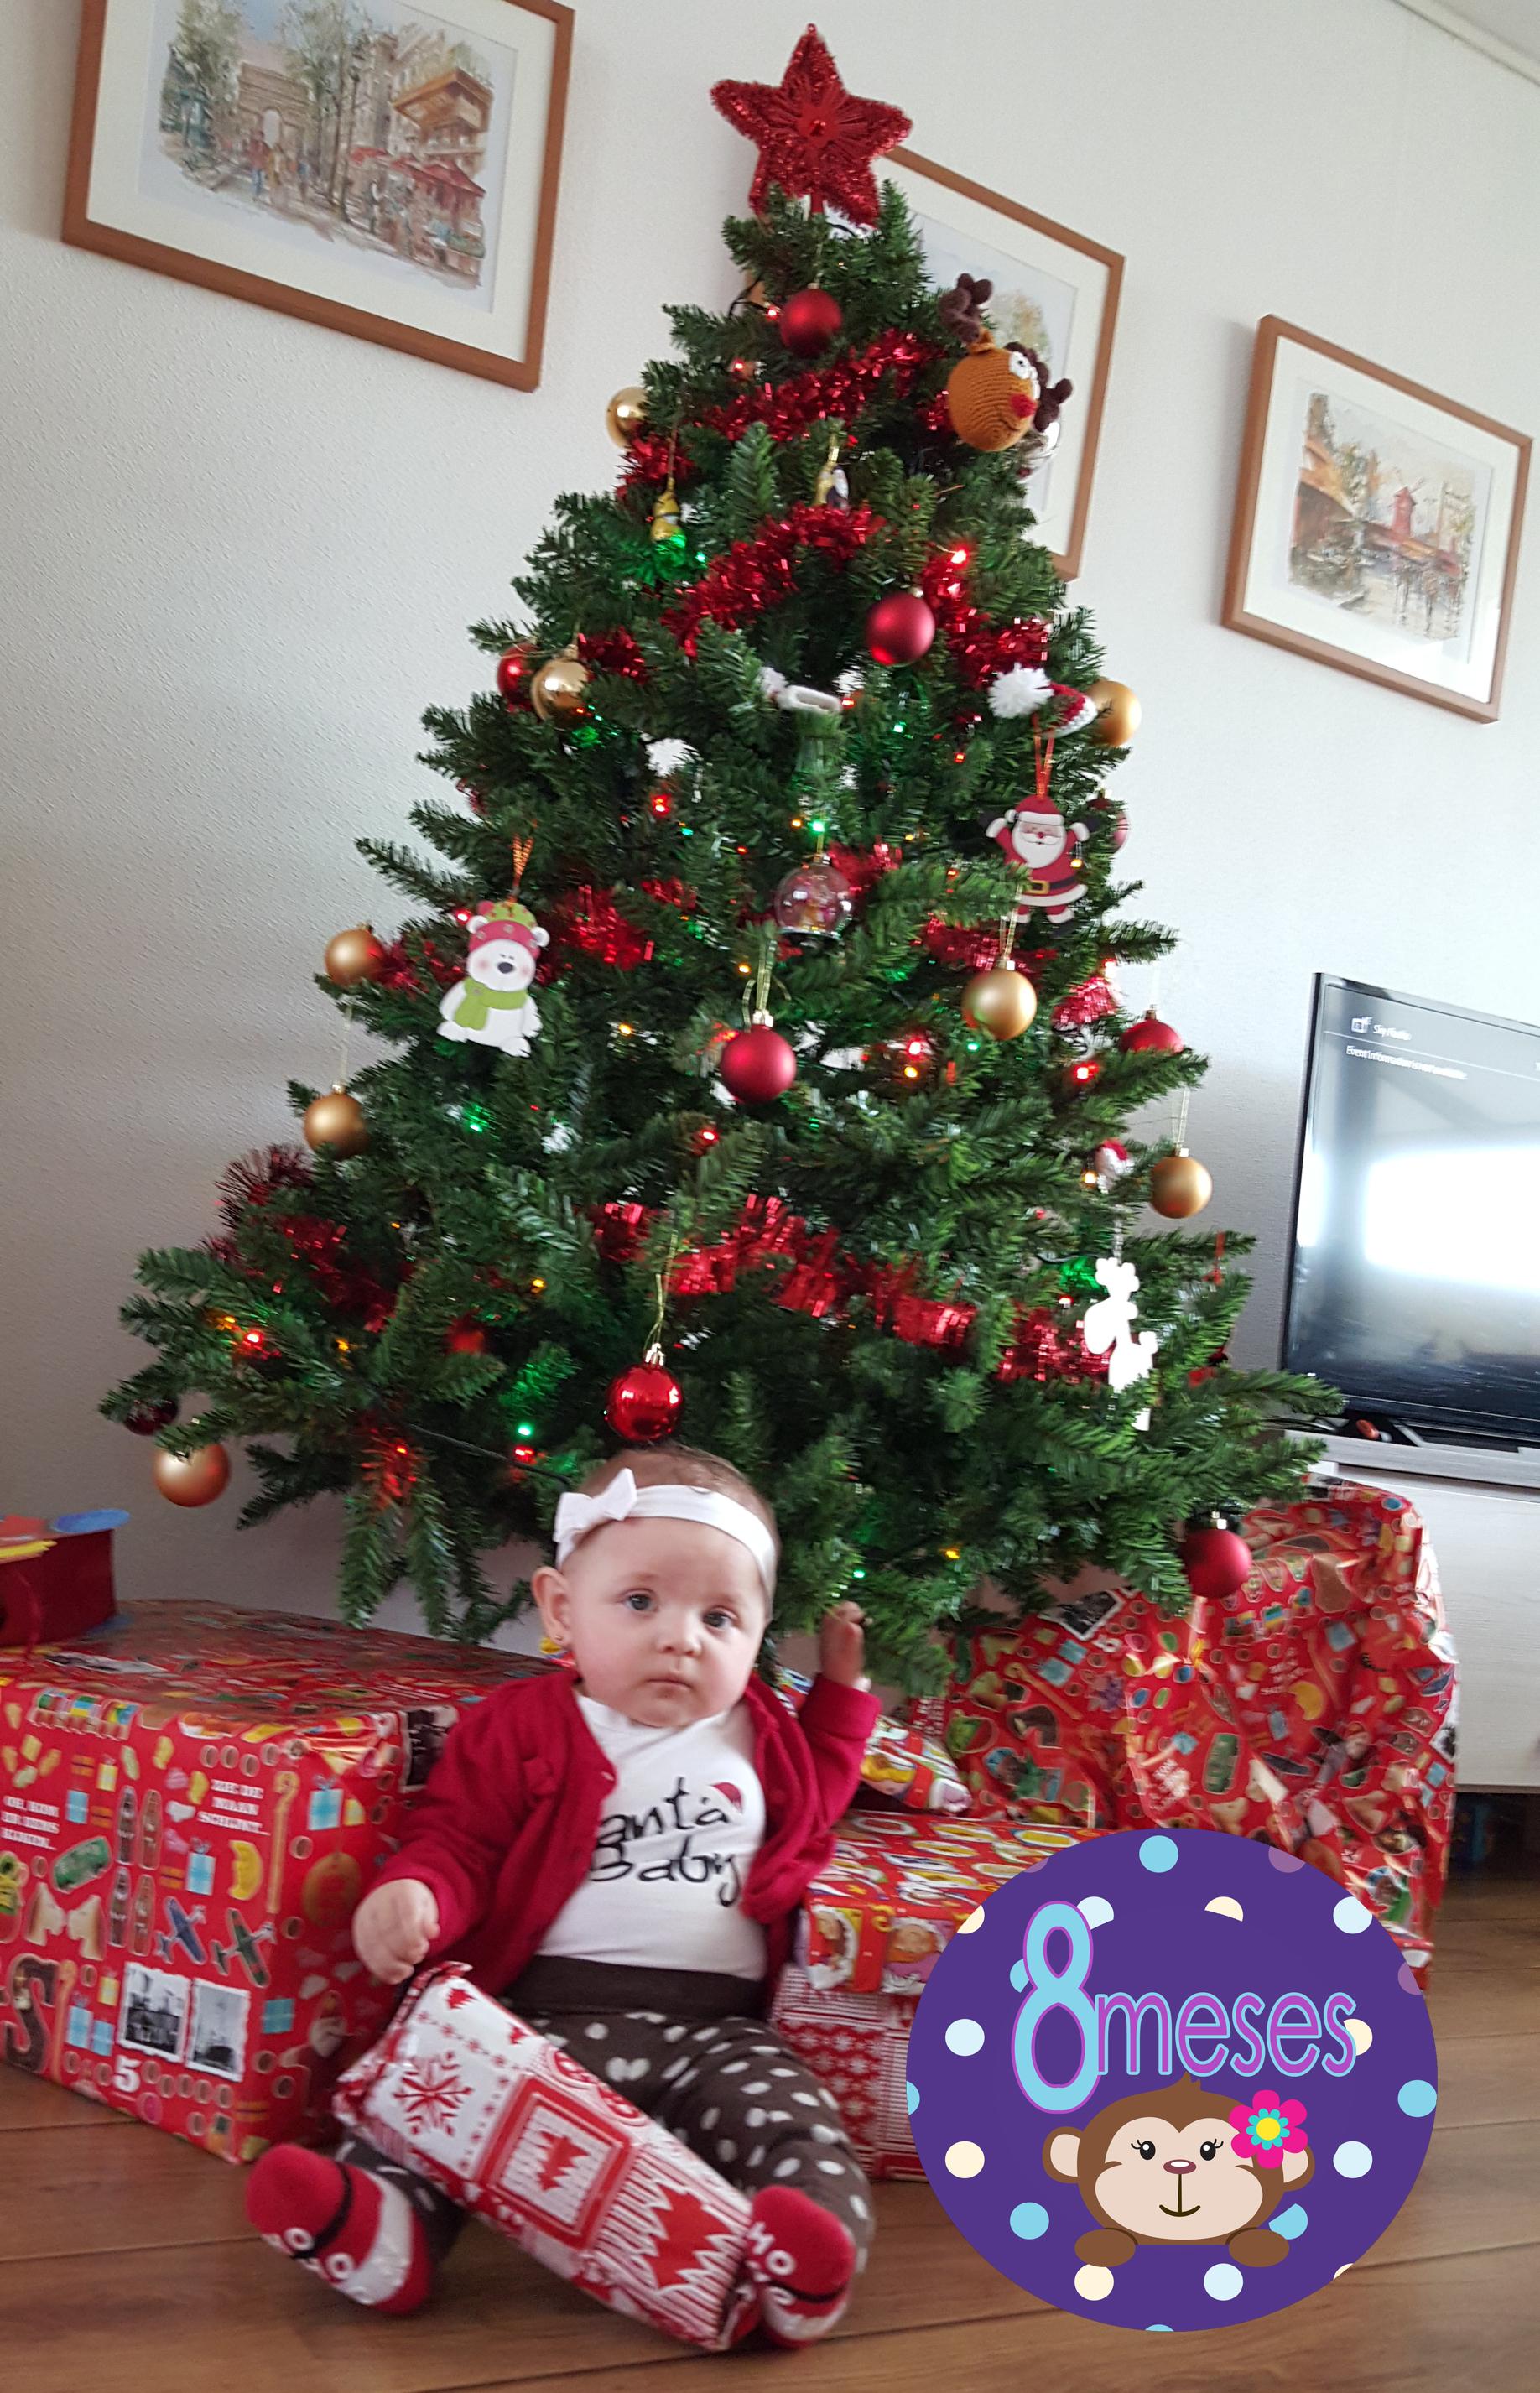 Samantha 8 months